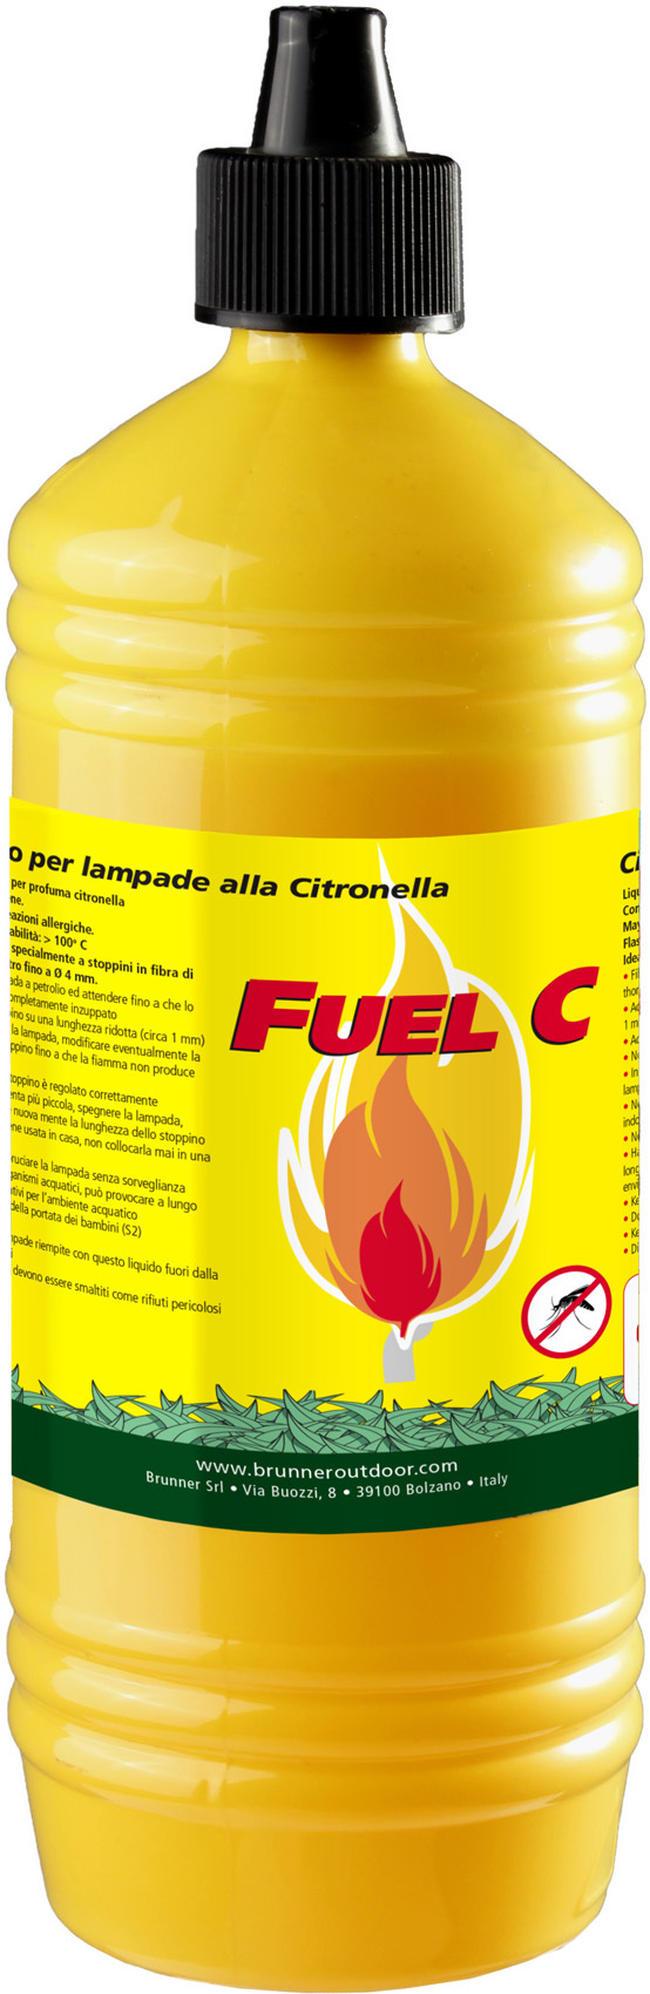 fuel-c